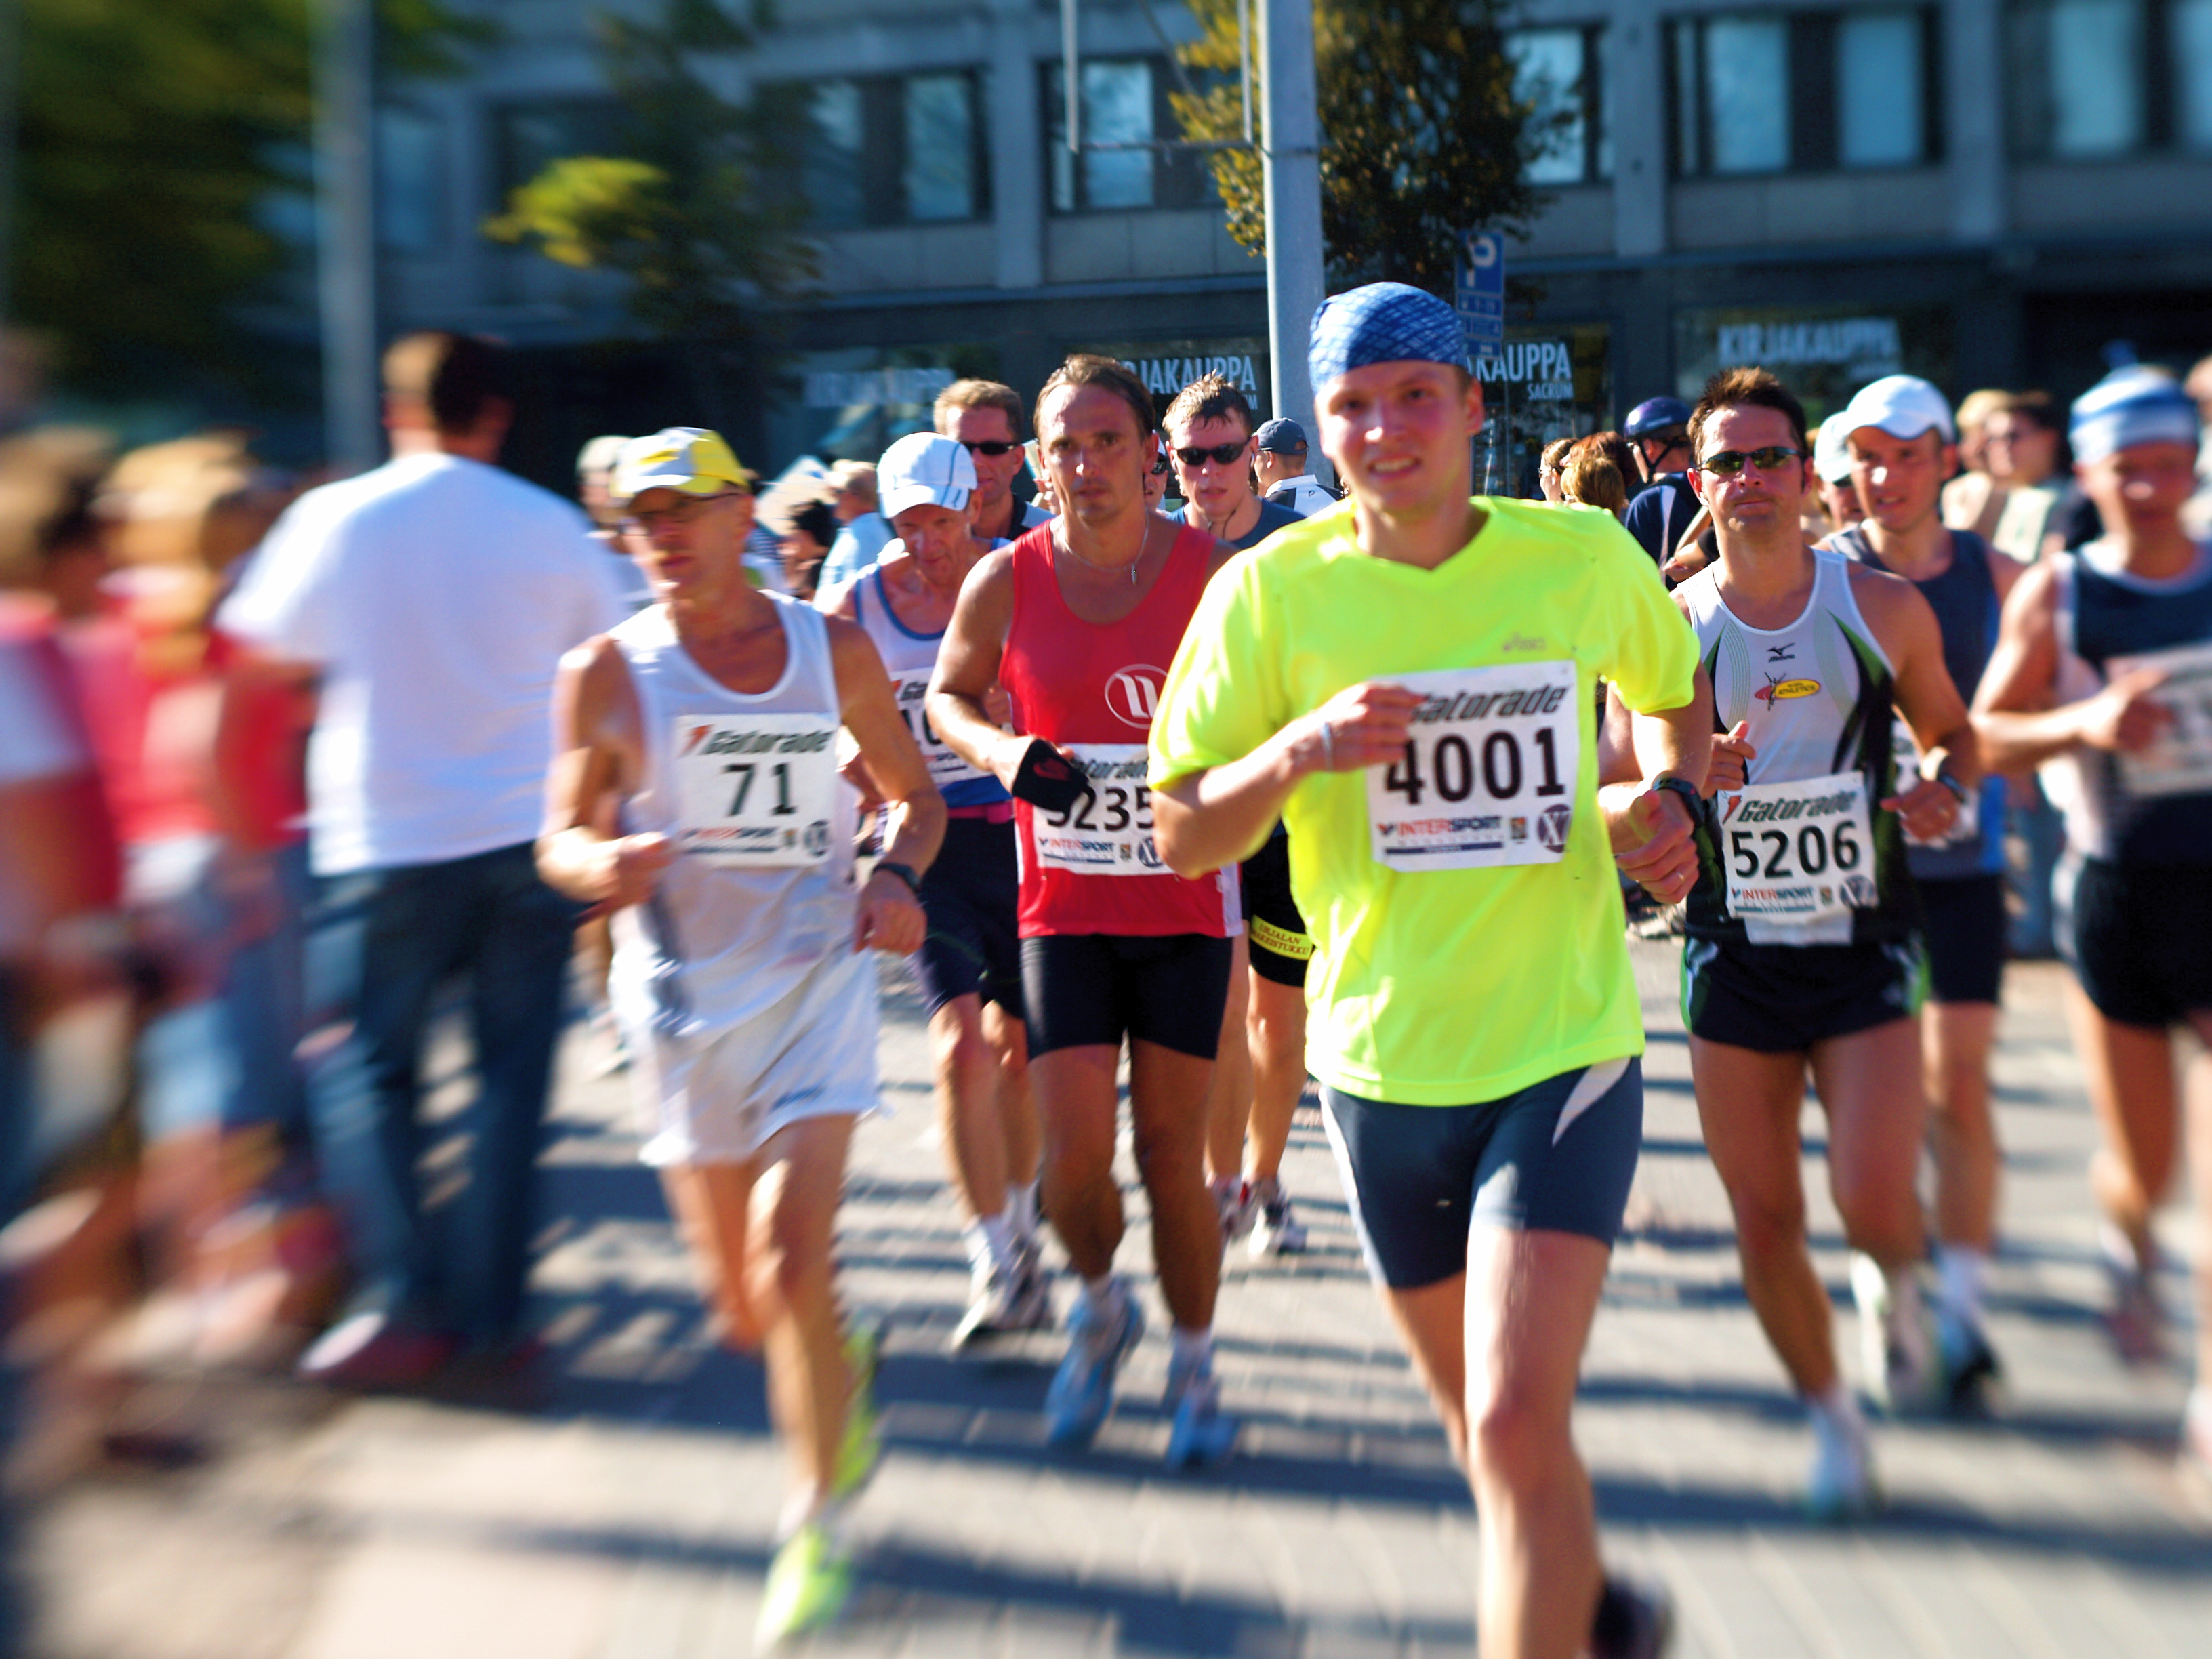 Marathon Running Wallpaper running desktop backgrounds Desktop 3264x2448